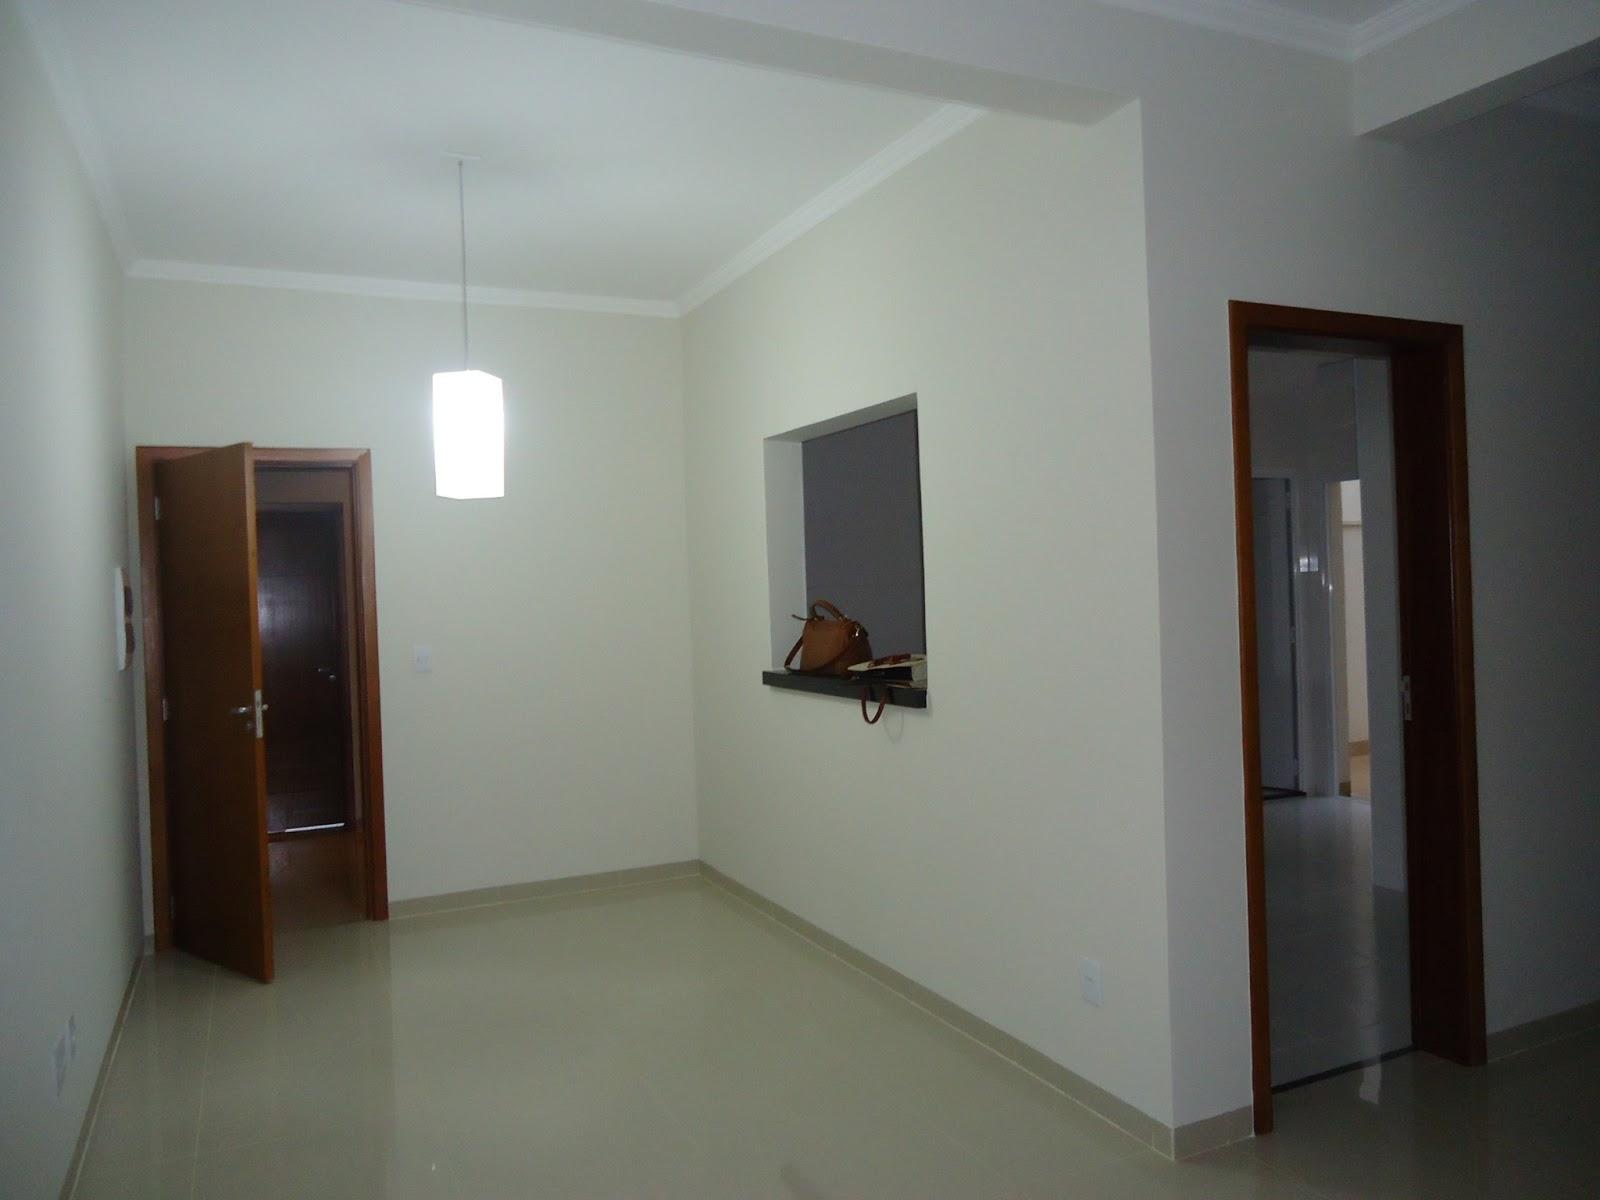 Imagens de #5C4A3F DEPOIS: escolhemos uma mesa em madeira na cor branca com vidro branco  1600x1200 px 3724 Banheiros Planejados Ribeirao Preto